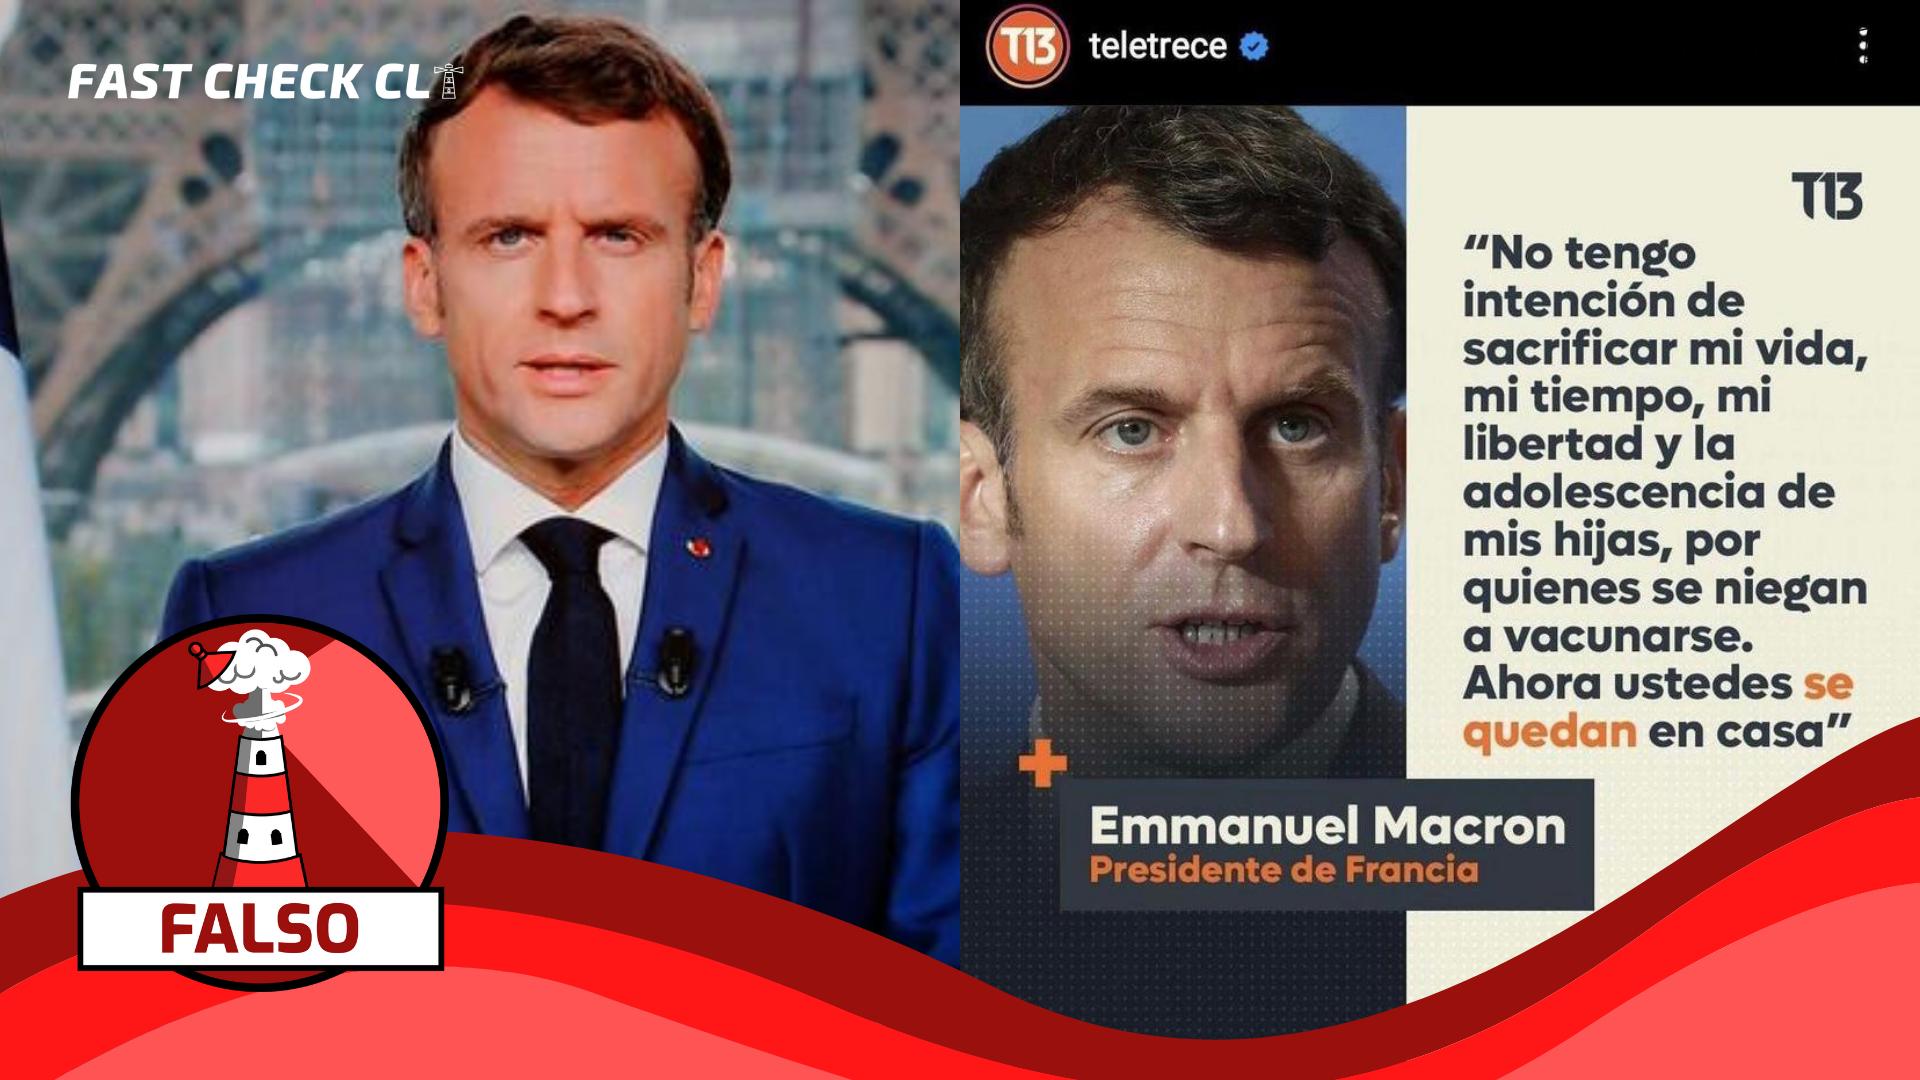 """Read more about the article Emmanuel Macron: """"No tengo intención de sacrificar mi vida, mi tiempo, mi libertad y la adolescencia de mis hijas por quienes se niegan a vacunarse. Ahora ustedes se quedan en casa"""": #Falso"""